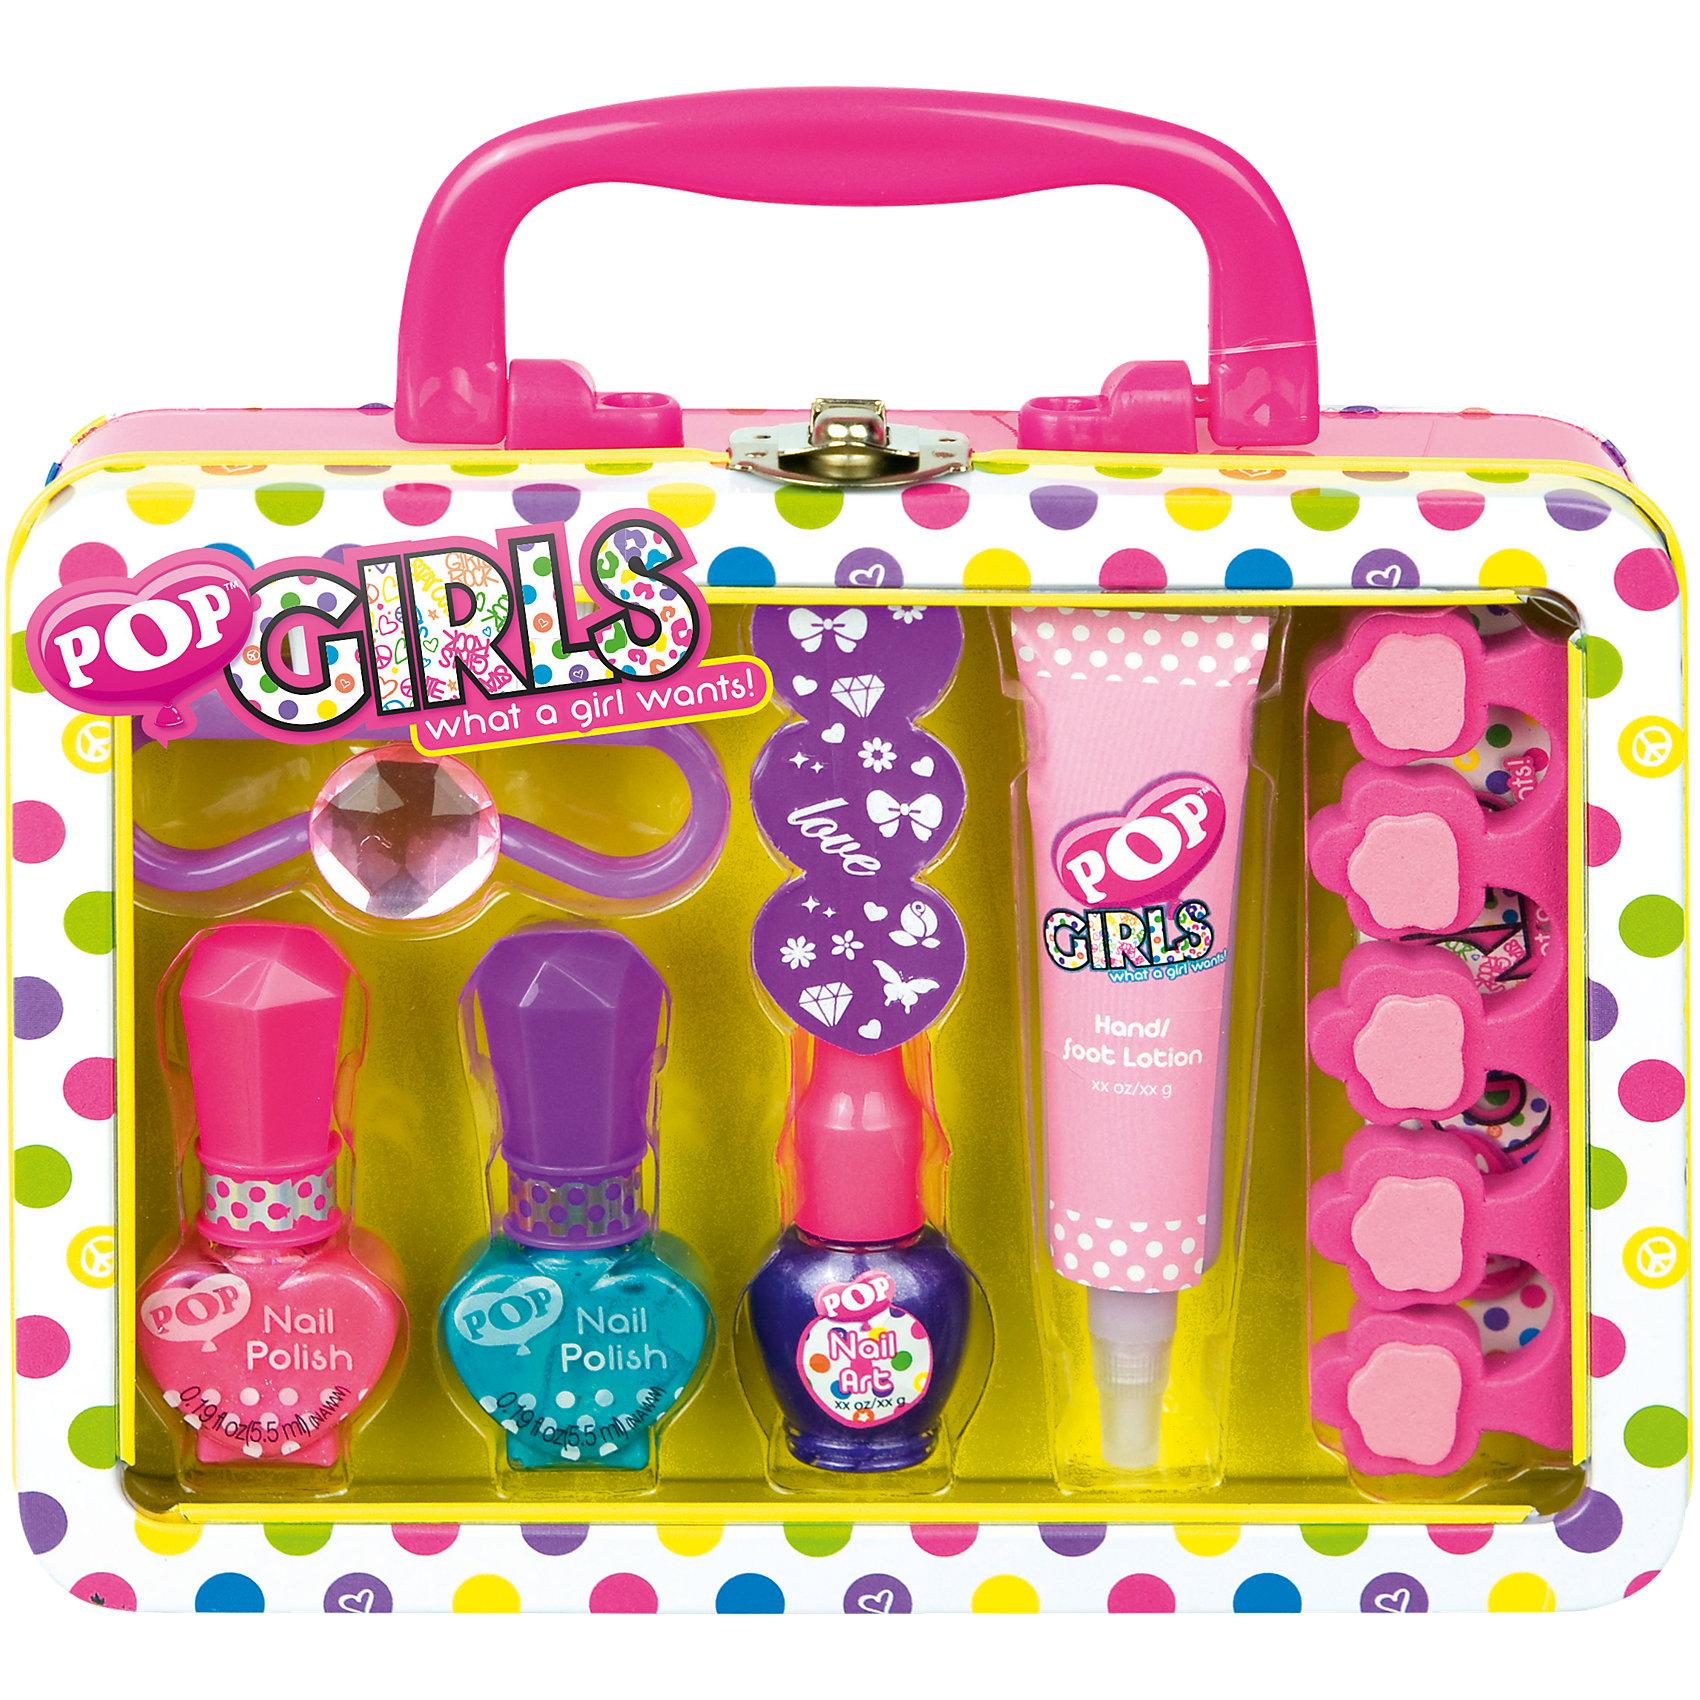 Игровой набор детской декоративной косметики POP для ногтейХарактеристики:<br><br>• Наименование: детская декоративная косметика<br>• Предназначение: для сюжетно-ролевых игр<br>• Пол: для девочки<br>• Материал: натуральные косметические компоненты, пластик, металл<br>• Цвет: бирюзовый, синий, розовый и др.<br>• Комплектация: 2 оттенка лака для ногтей, лак с кистью для нанесения рисунка, лосьон для рук и ног, щетка для ногтей, пилочка, разделитель для пальцев, наклейки, колечко, чемоданчик<br>• Размеры (Д*Ш*В): 18*17*6 см<br>• Вес: 235 г <br>• Упаковка: жестяной чемоданчик с ручкой<br><br>Игровой набор детской декоративной косметики POP для ногтей – это набор игровой детской косметики от Markwins, которая вот уже несколько десятилетий специализируется на выпуске детской косметики. Рецептура декоративной детской косметики разработана совместно с косметологами и медиками, в основе рецептуры – водная основа, а потому она гипоаллергенны, не вызывает раздражений на детской коже и легко смывается, не оставляя следа. Безопасность продукции подтверждена международными сертификатами качества и безопасности. <br>Игровой набор детской декоративной косметики POP состоит из 3-х оттенков лака для ногтей, лака с кисточкой для росписи ногтей и наклеек. Кроме того, в наборе предусмотрены маникюрные инструменты и лосьон для ухода за кожей рук и ног. Косметические средства, входящие в состав набора, имеют длительный срок хранения – 12 месяцев. Игровой набор детской декоративной косметики POP от Markwins может стать незаменимым праздничным подарком для любой маленькой модницы!<br><br>Игровой набор детской декоративной косметики POP для ногтей можно купить в нашем интернет-магазине.<br><br>Ширина мм: 179<br>Глубина мм: 140<br>Высота мм: 57<br>Вес г: 233<br>Возраст от месяцев: 48<br>Возраст до месяцев: 108<br>Пол: Женский<br>Возраст: Детский<br>SKU: 4540665